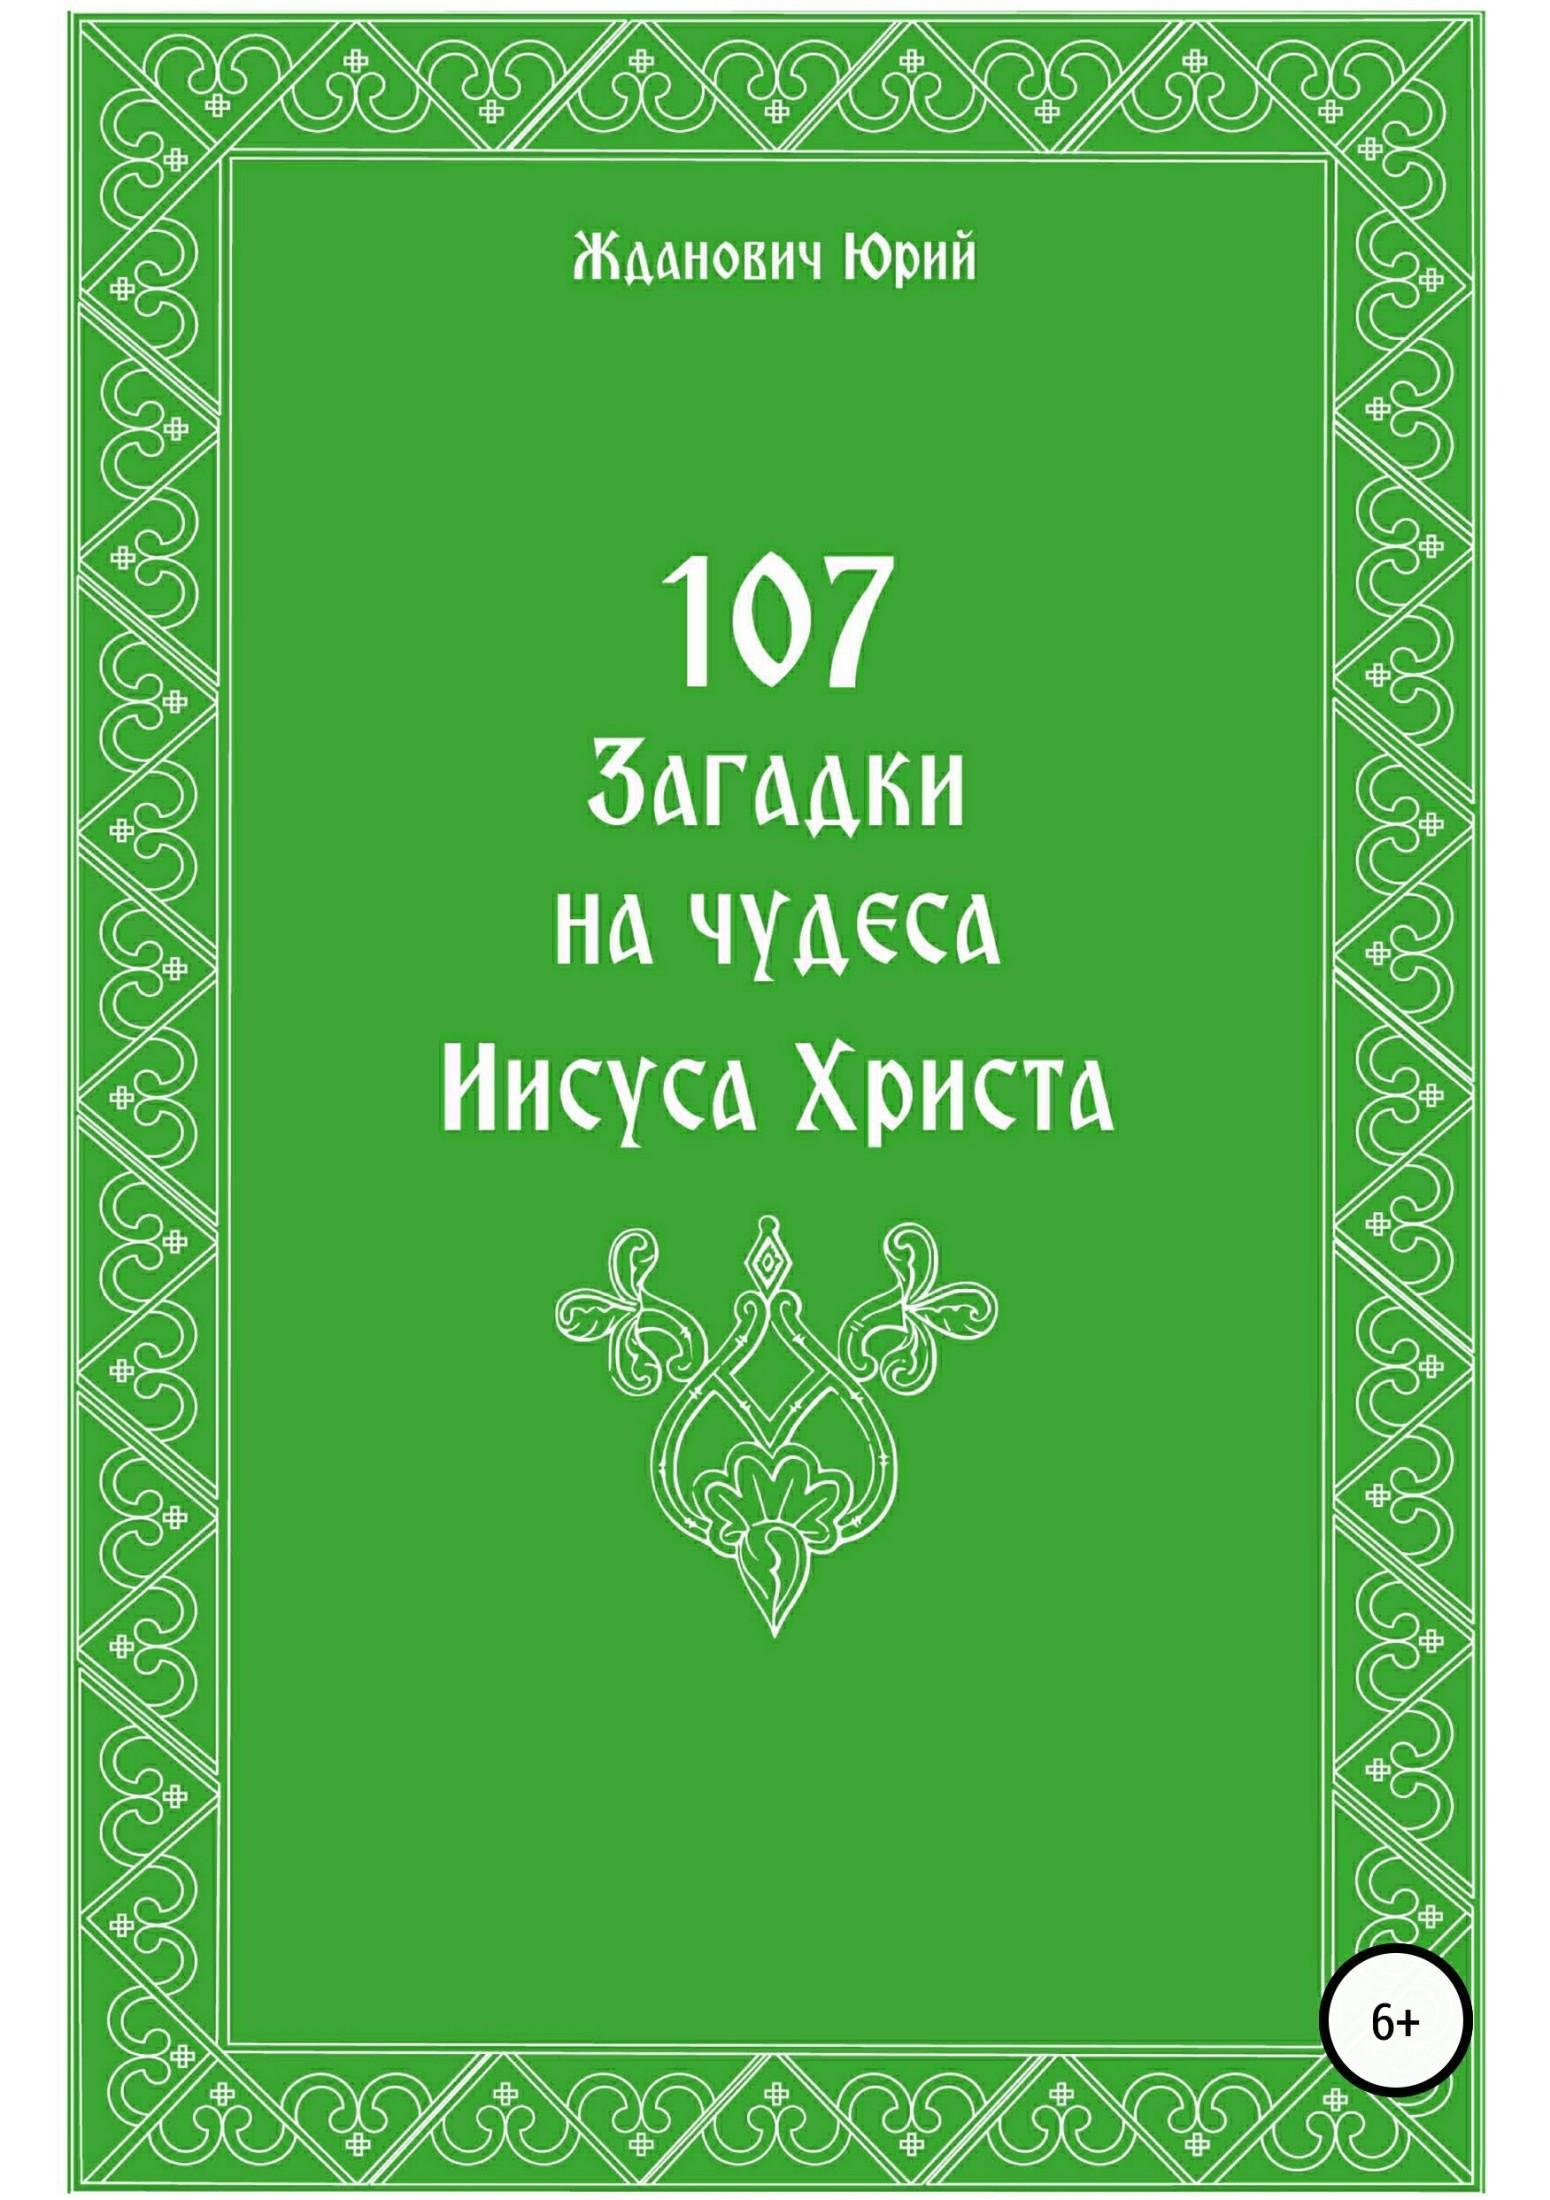 Юрий Михайлович Жданович 107 загадок на чудеса Иисуса Христа арсений соколов книга иисуса навина